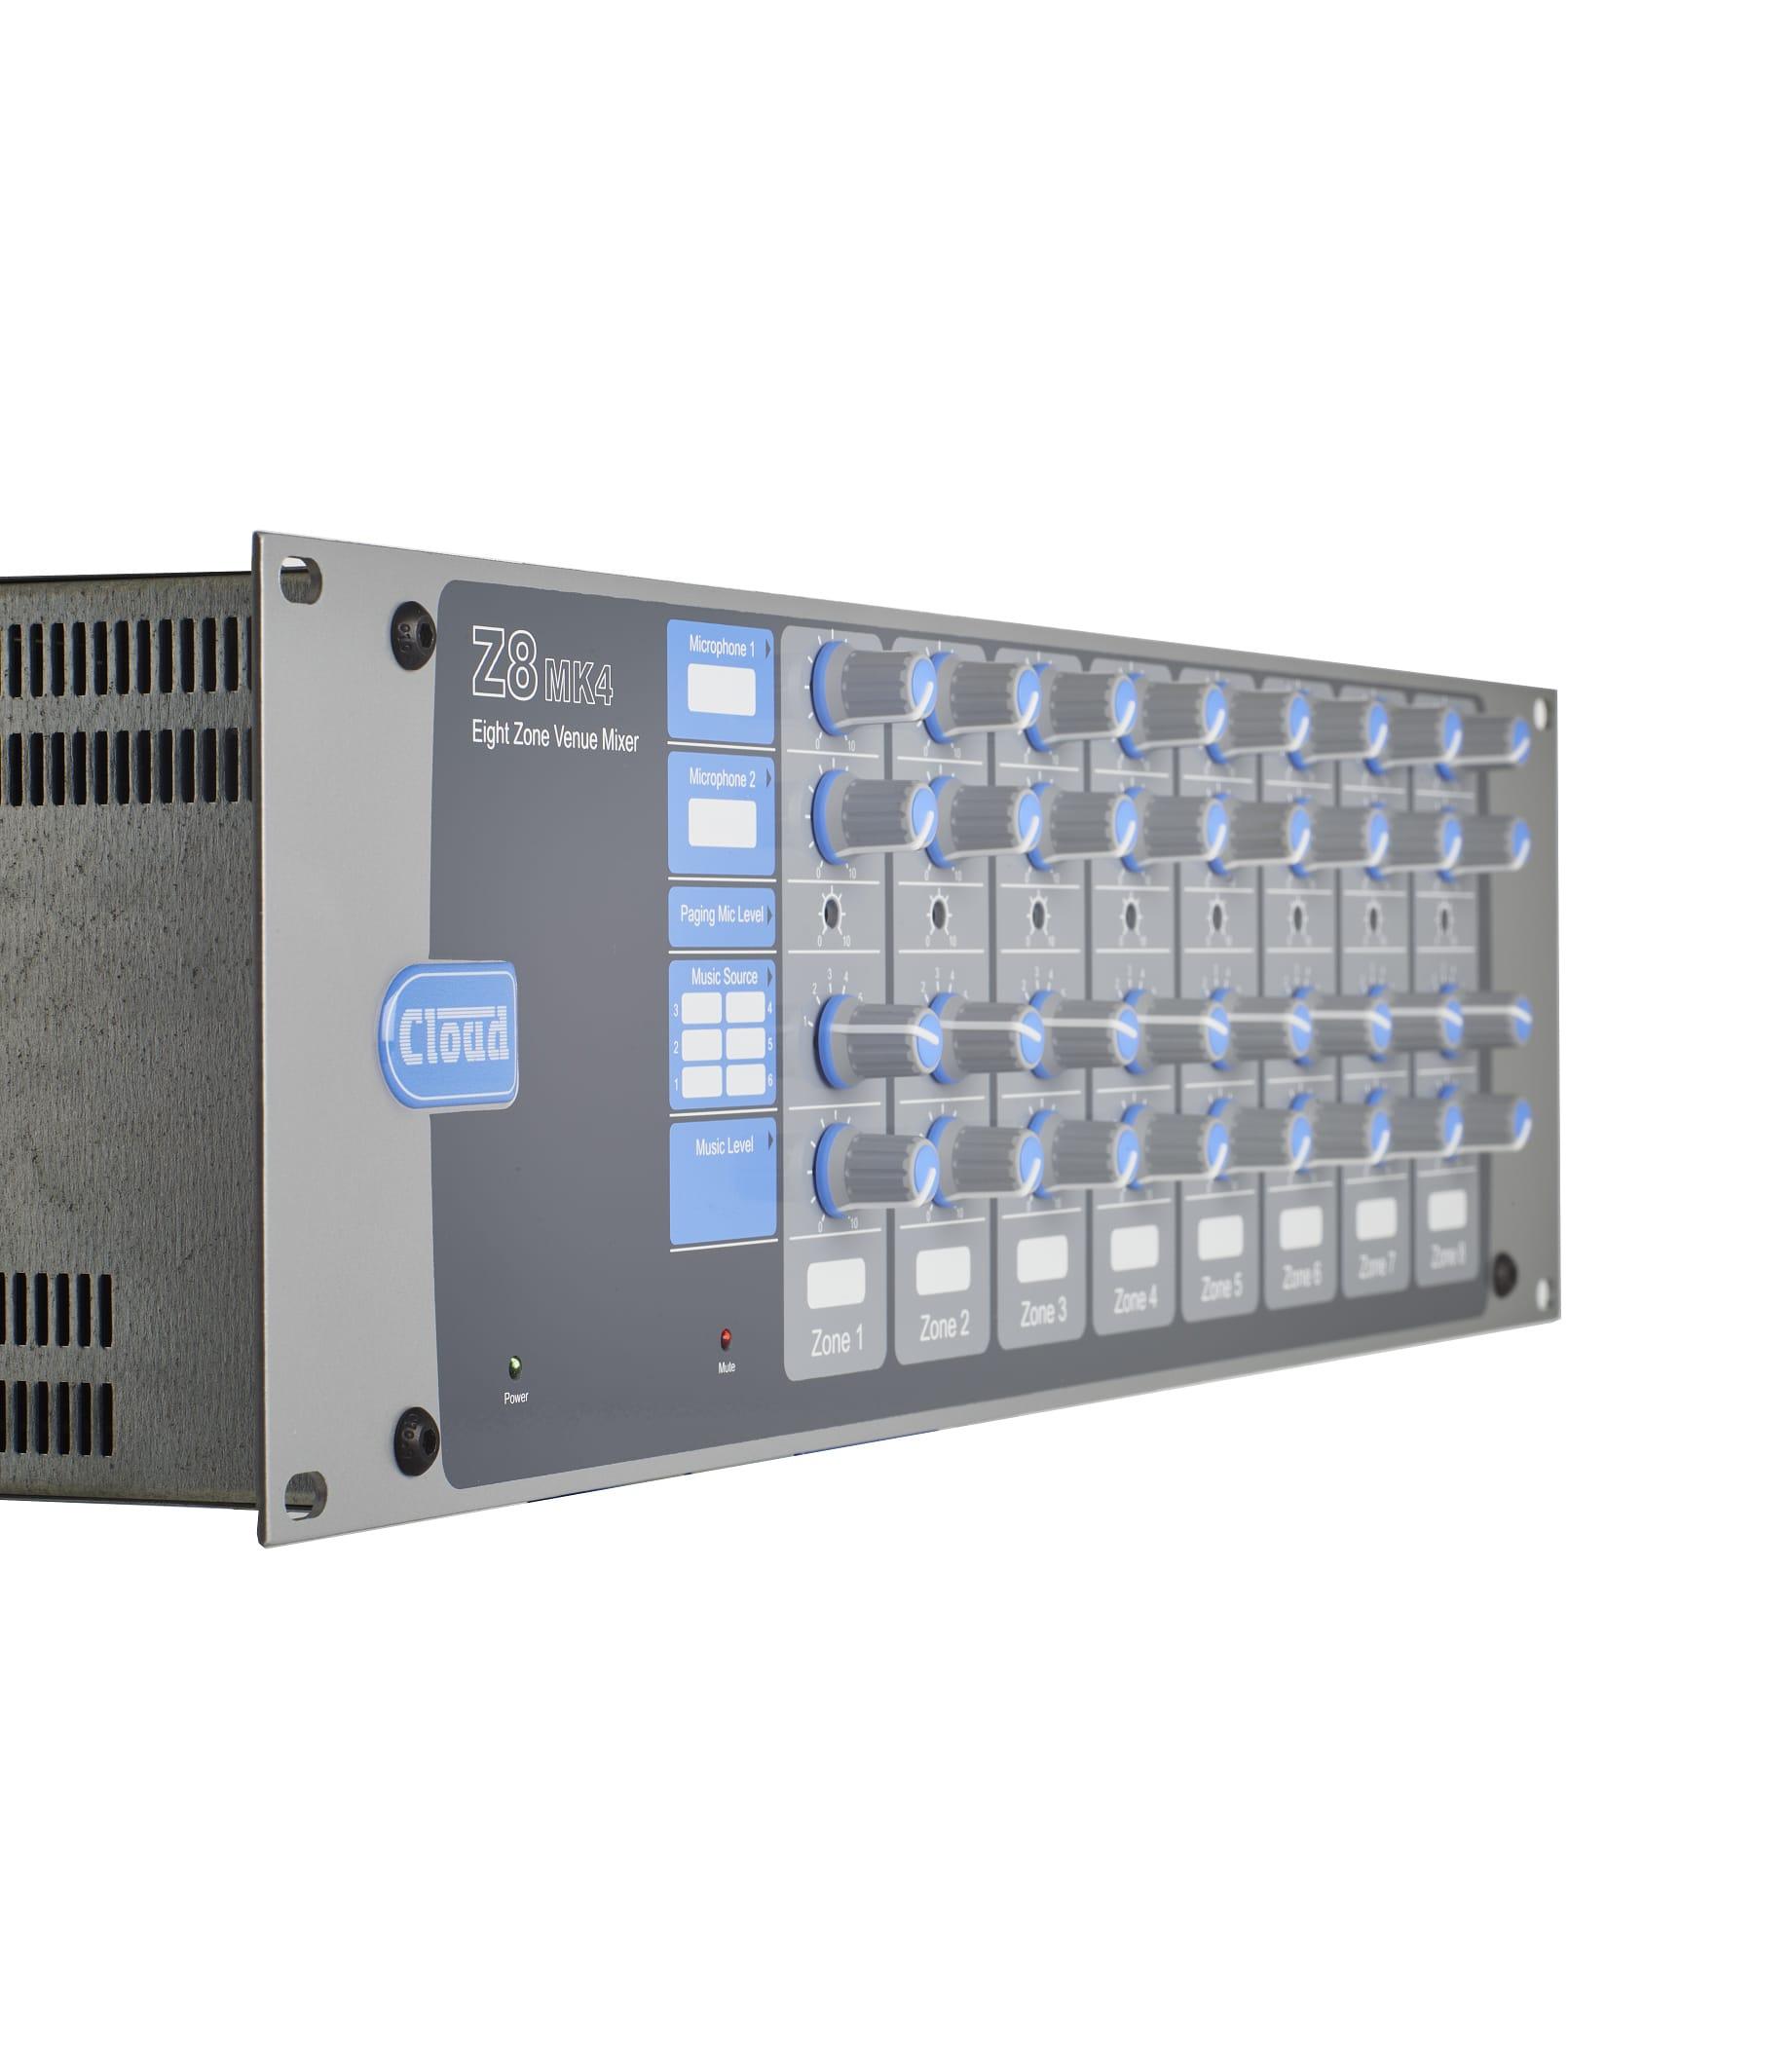 Z8MK4 - Buy Online